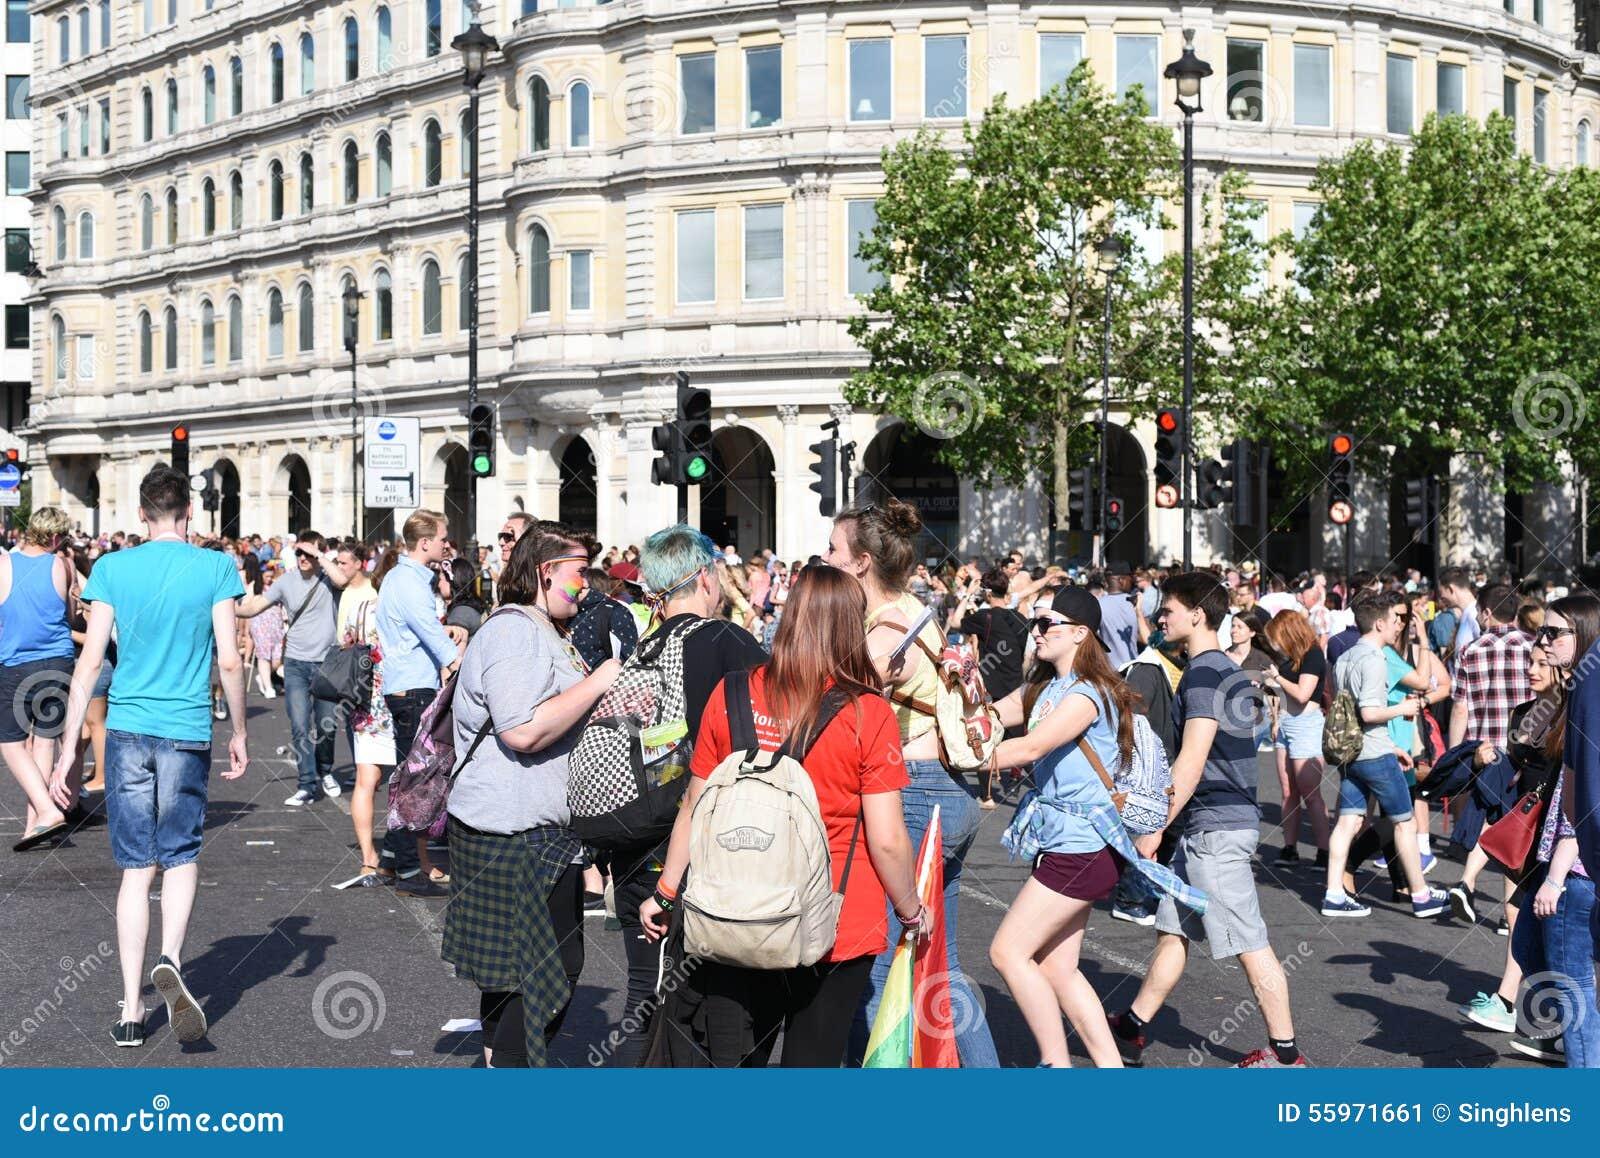 27 de junio de 2015: Londres, Reino Unido, gente no identificada en entusiasmo completo en Pride In London Parade en Trafalgar Sq